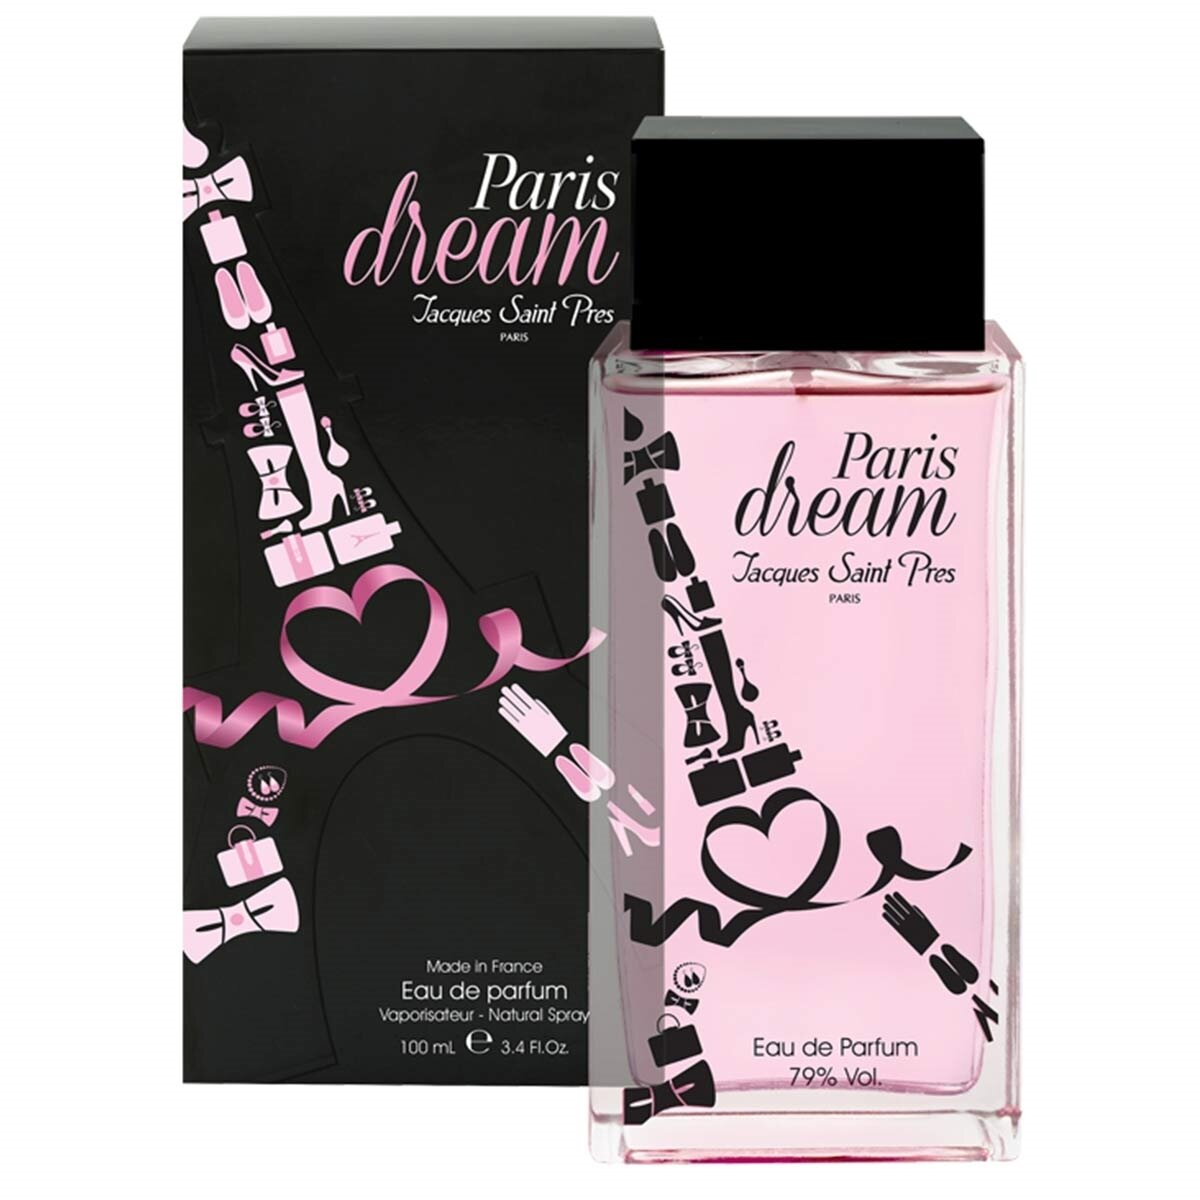 Paris Dream Kadın Parfümü Edp 100 ml